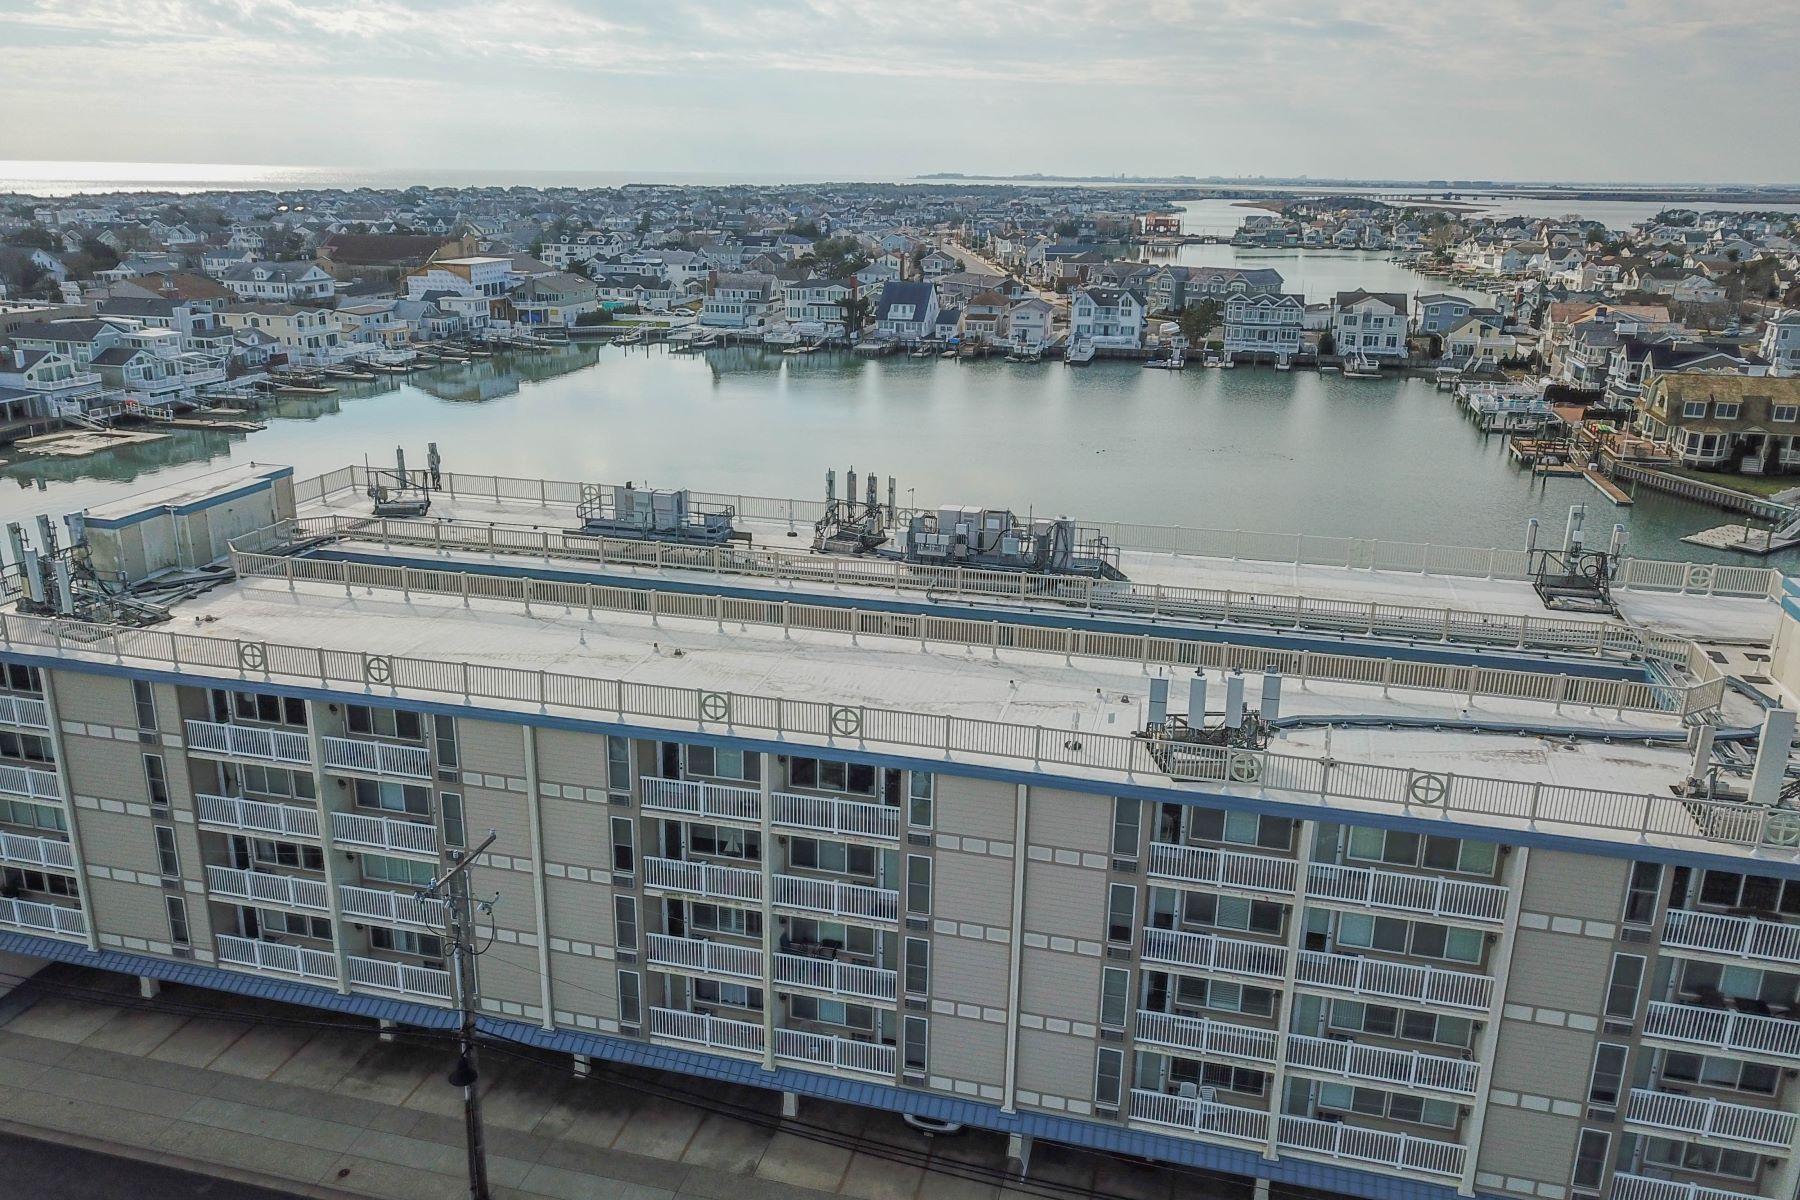 Кондоминиум для того Продажа на Downtown Stone Harbor Condo 351 96th Street Unit 209, Stone Harbor, Нью-Джерси 08247 Соединенные Штаты